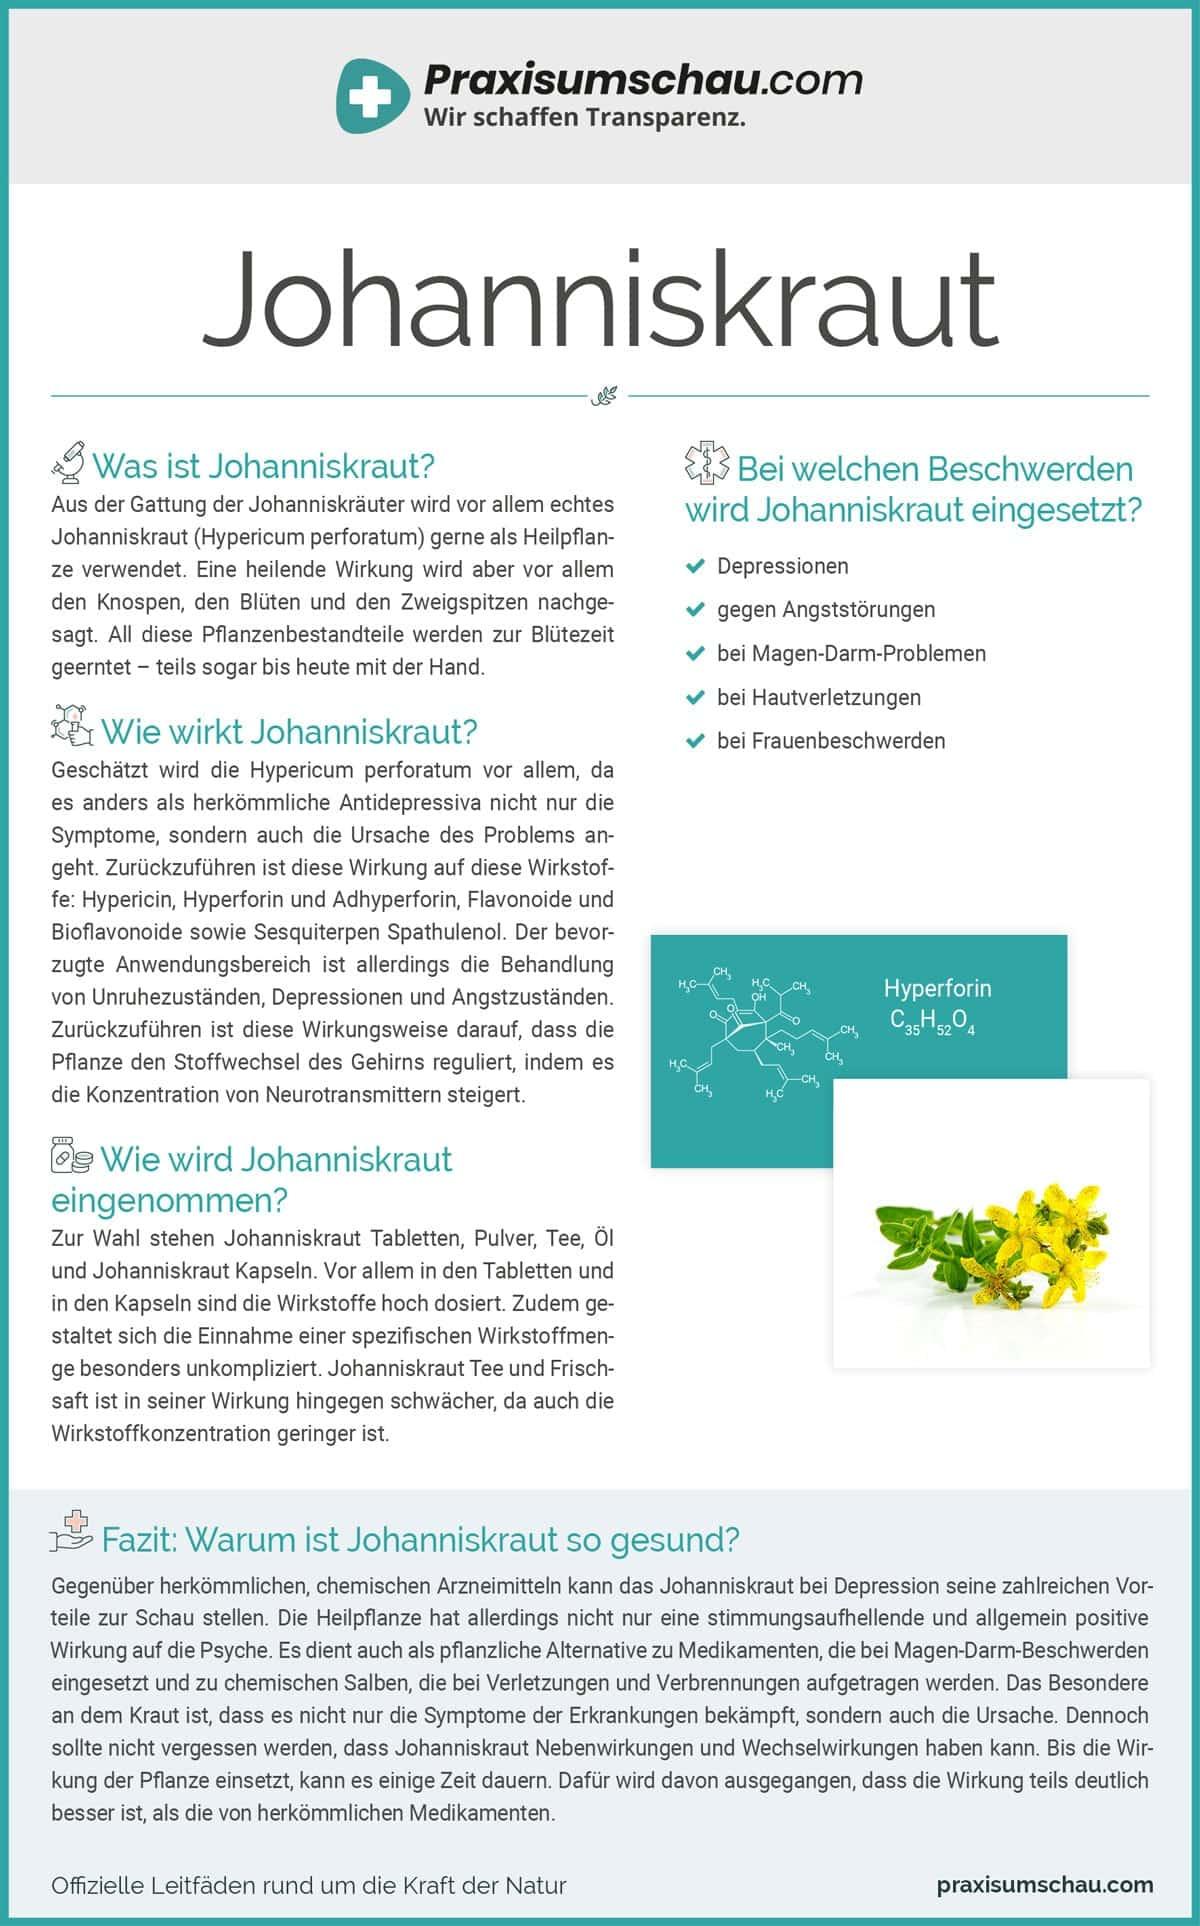 Johanniskraut infografik pu